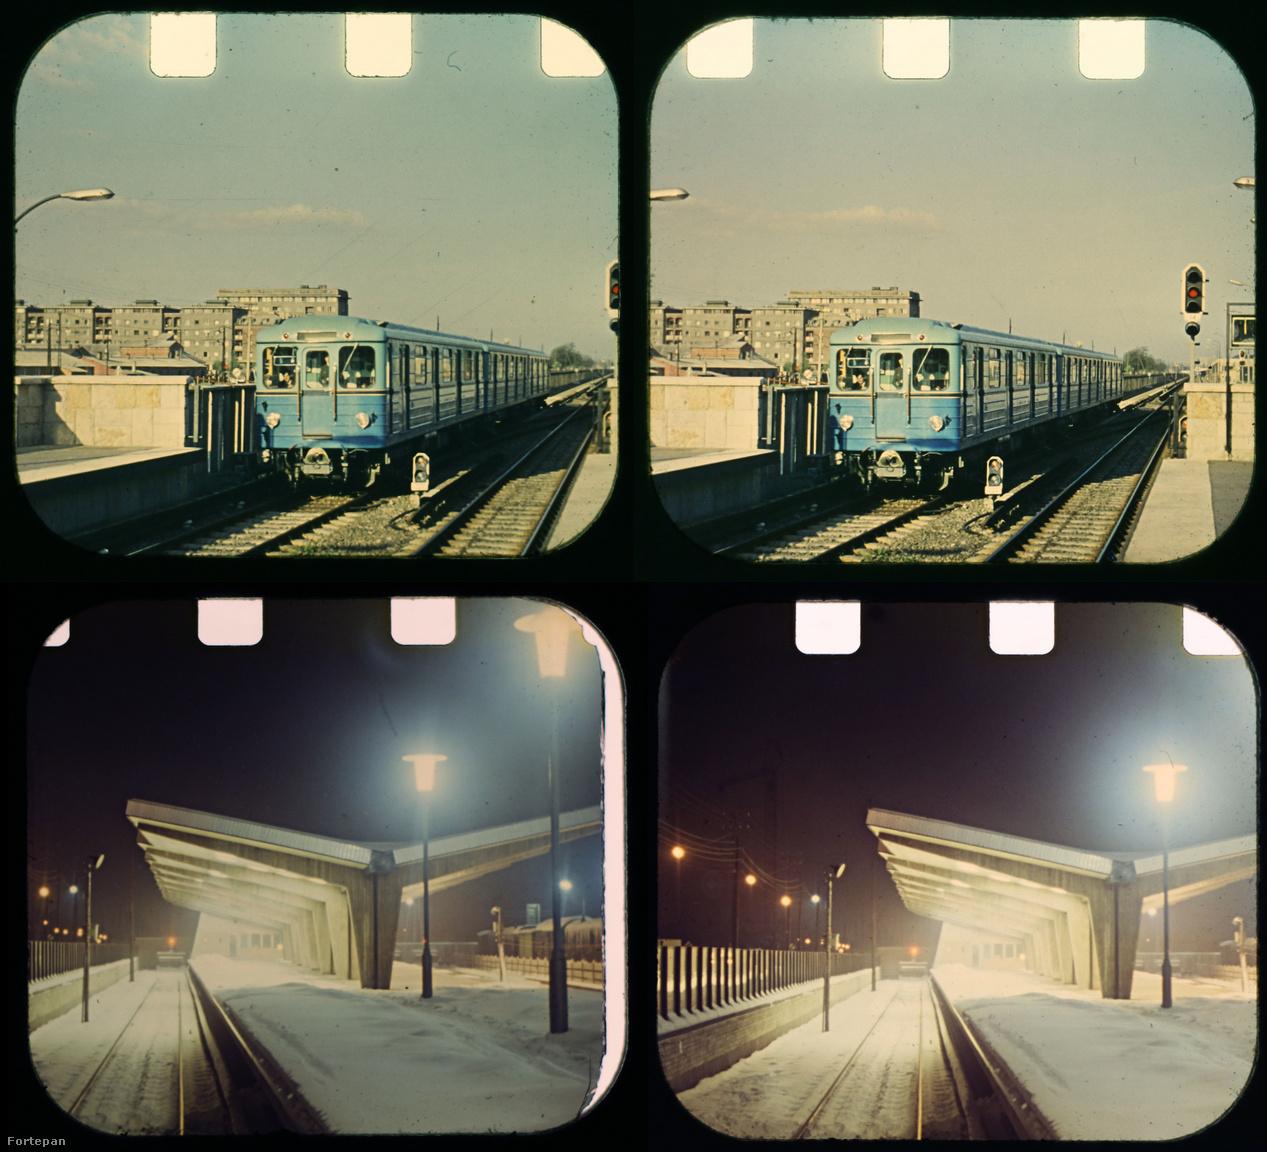 A fölső képpár 1972 előtt készült, ekkor még háromkocsis szerelvények jártak a kettes metró vonalán, és a későbbb sok gondot okozó hársfák is fiatalok még. (A megnőtt, kilombosodott fák főleg ősszel okoznak fennakadásokat a metróközlekedésben, a vágányokra hulló nedves hárslevelek ugyanis olyanok, mintha olajjal vagy zsírral kenegetnék a síneket.) Lent: havas téli este az Örs vezér téri metróállomáson.